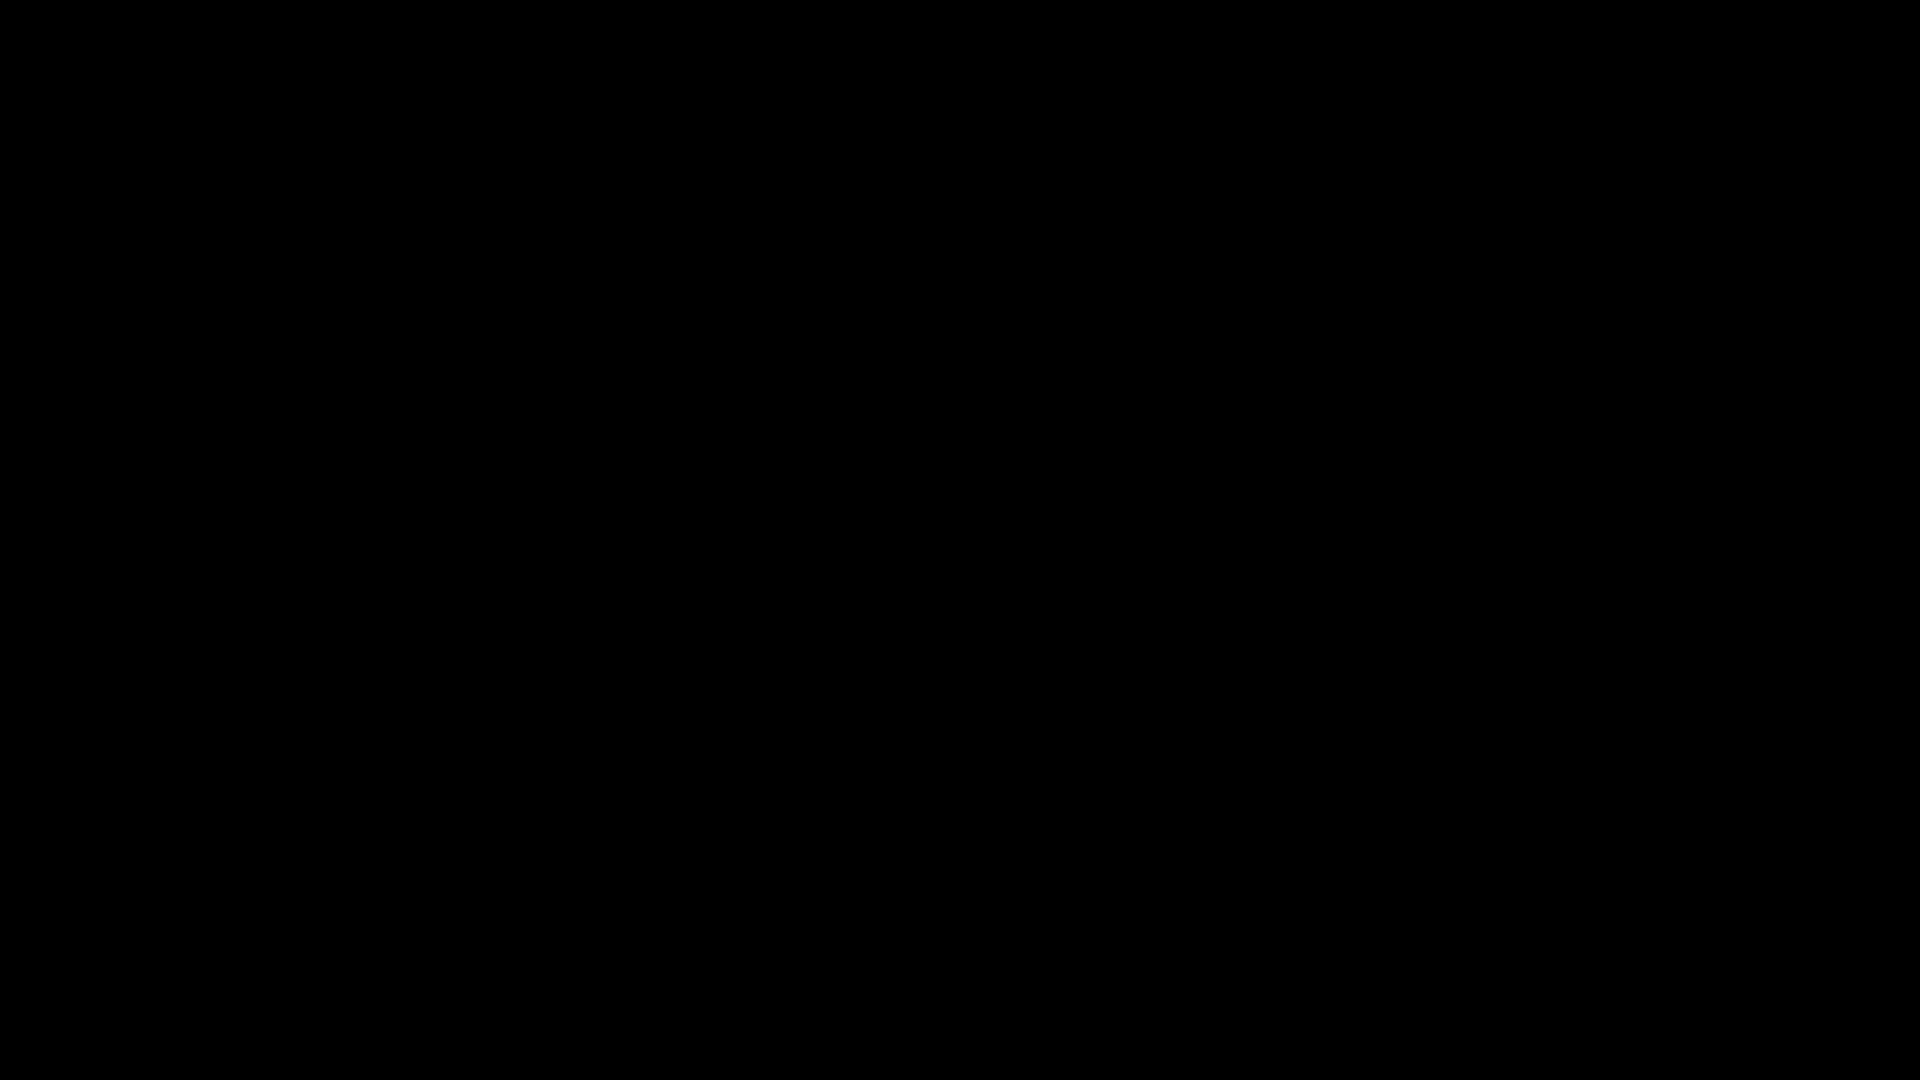 リアル盗撮 清楚なお女市さんのマル秘私生活② 盗撮エロすぎ   美女達のヌード  53連発 6